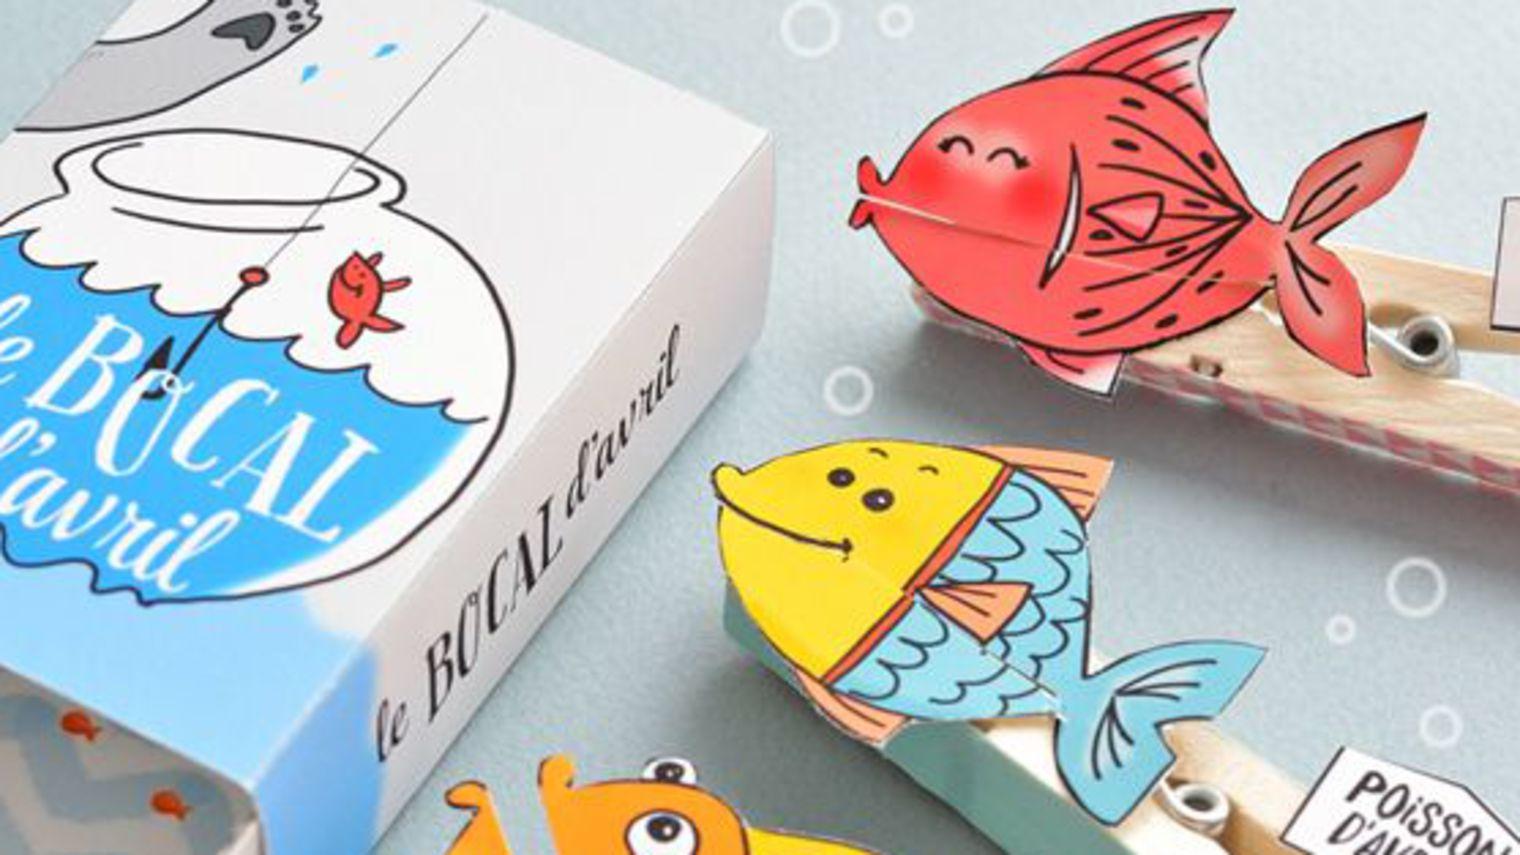 10-poissons-d-avril-a-faire-soi-meme_5308697